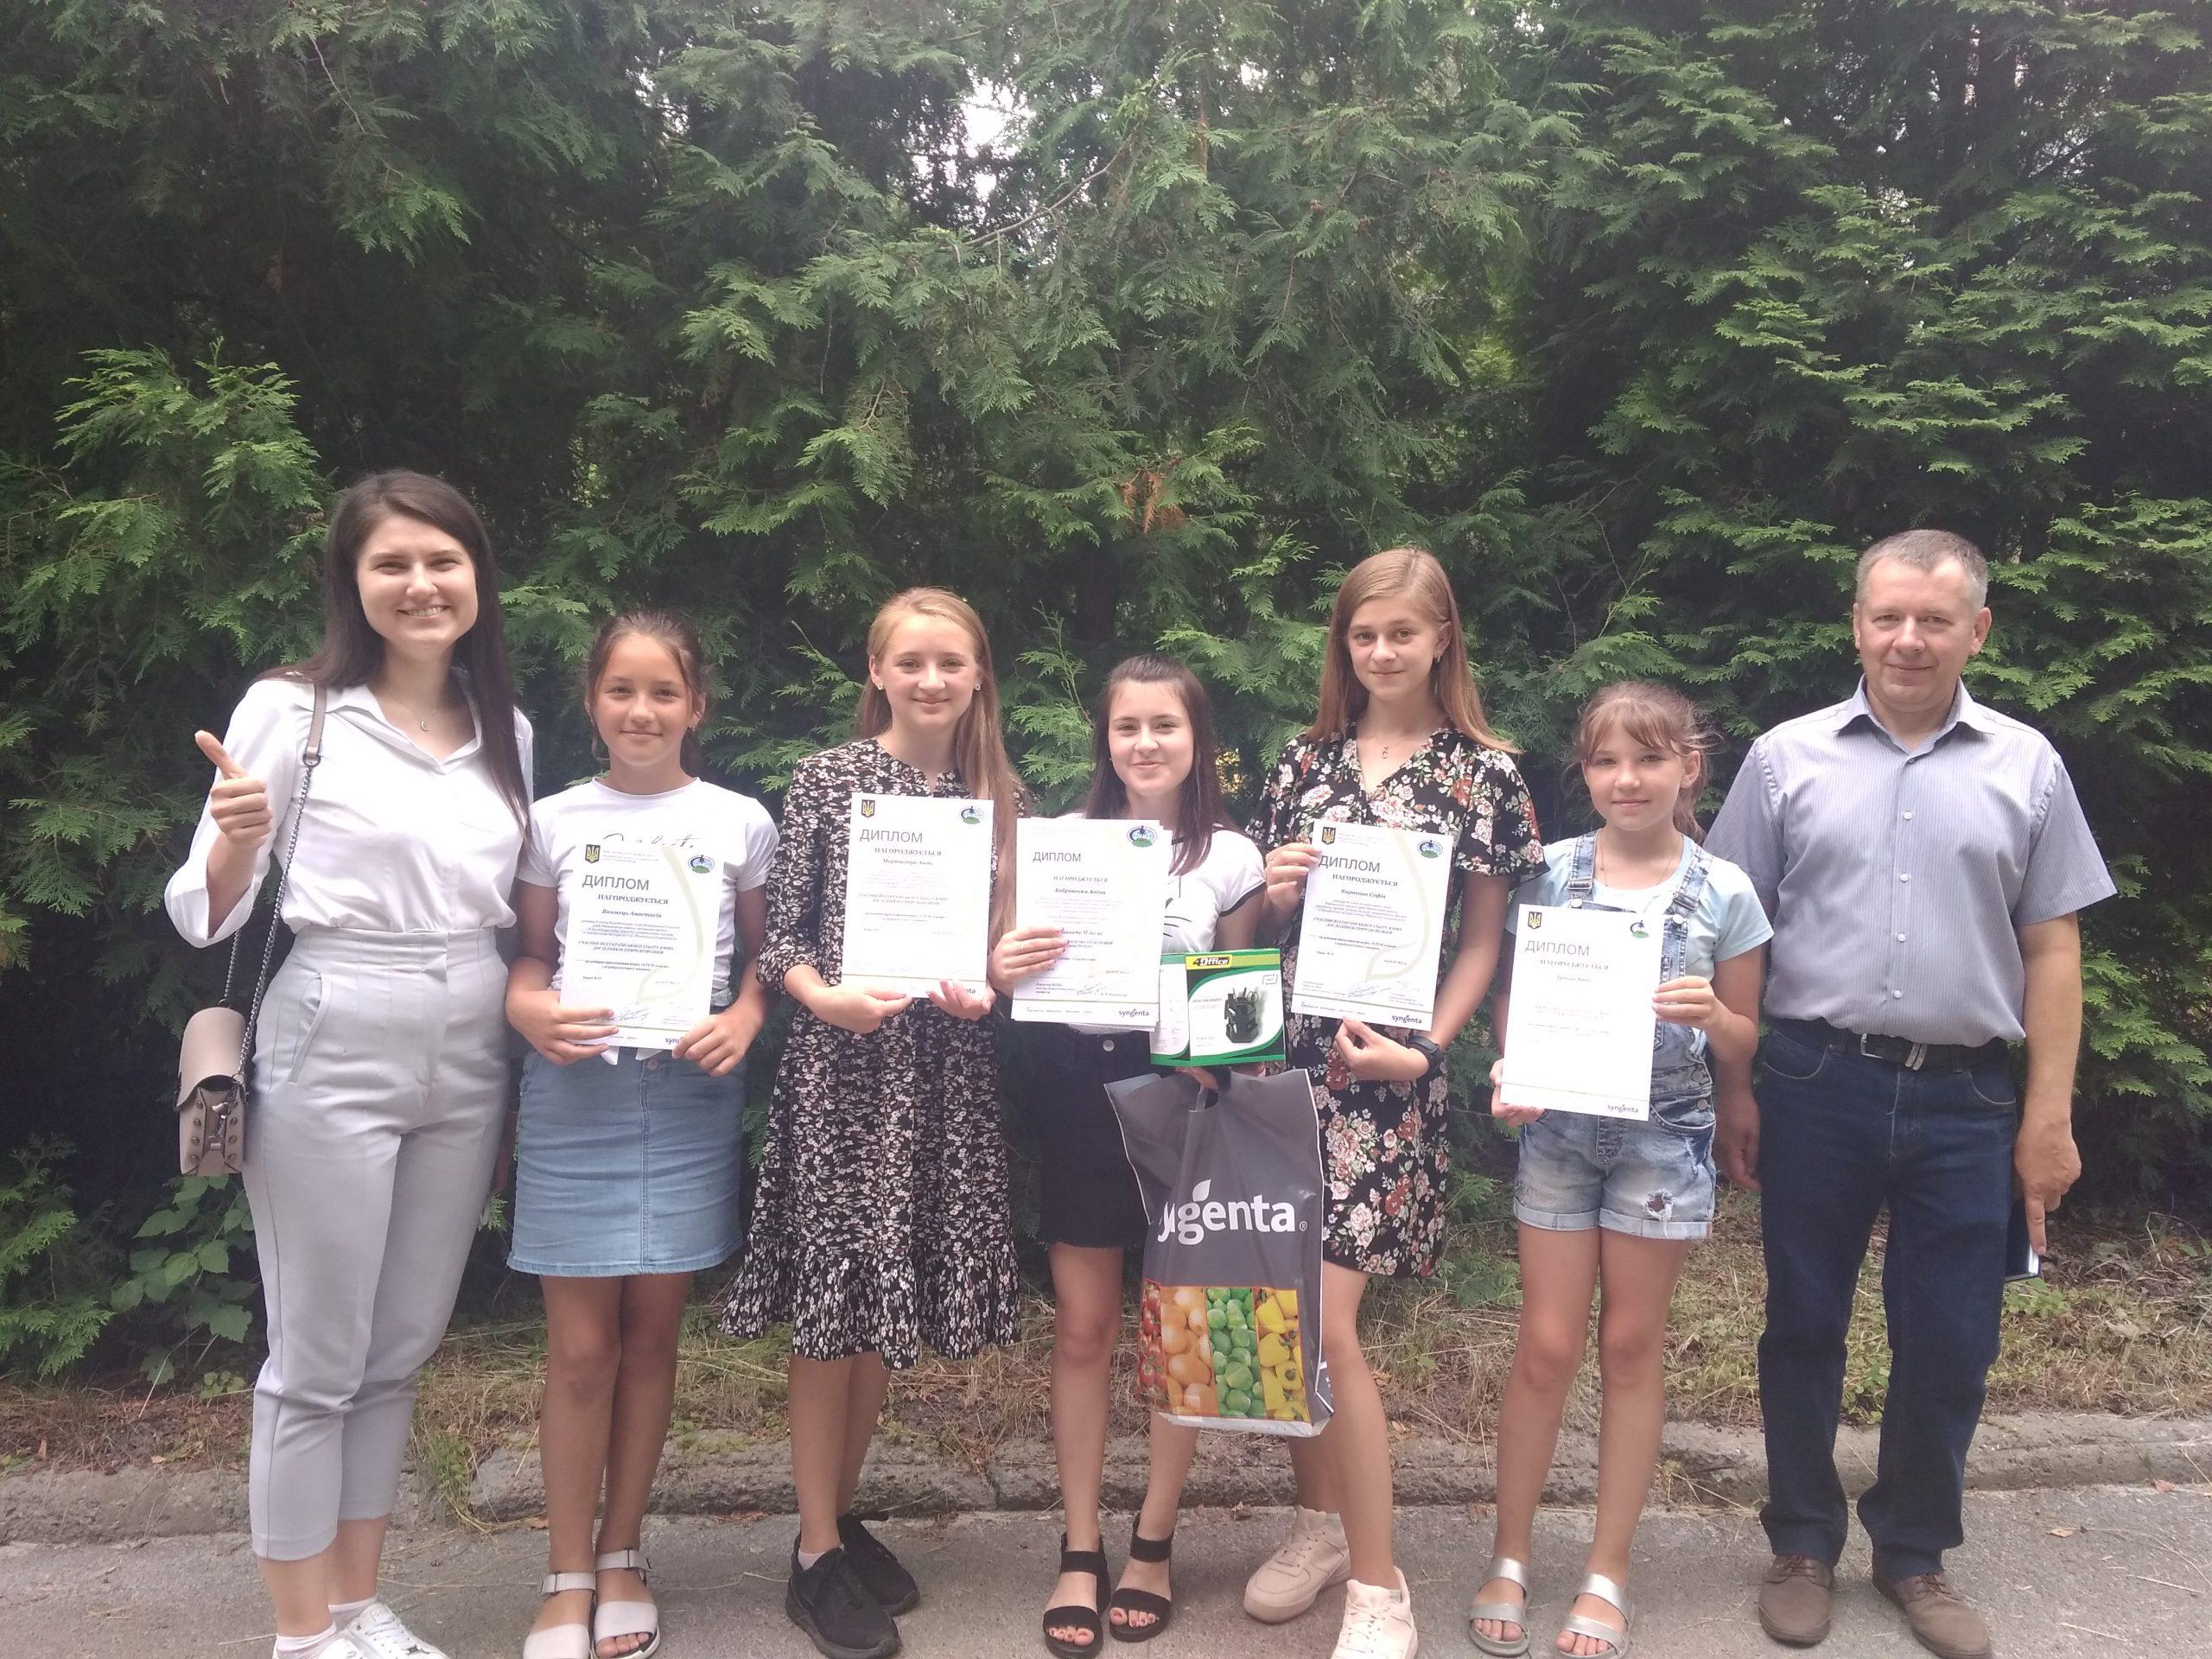 Рівненщина долучилася до Всеукраїнського зльоту юних дослідників-природознавців